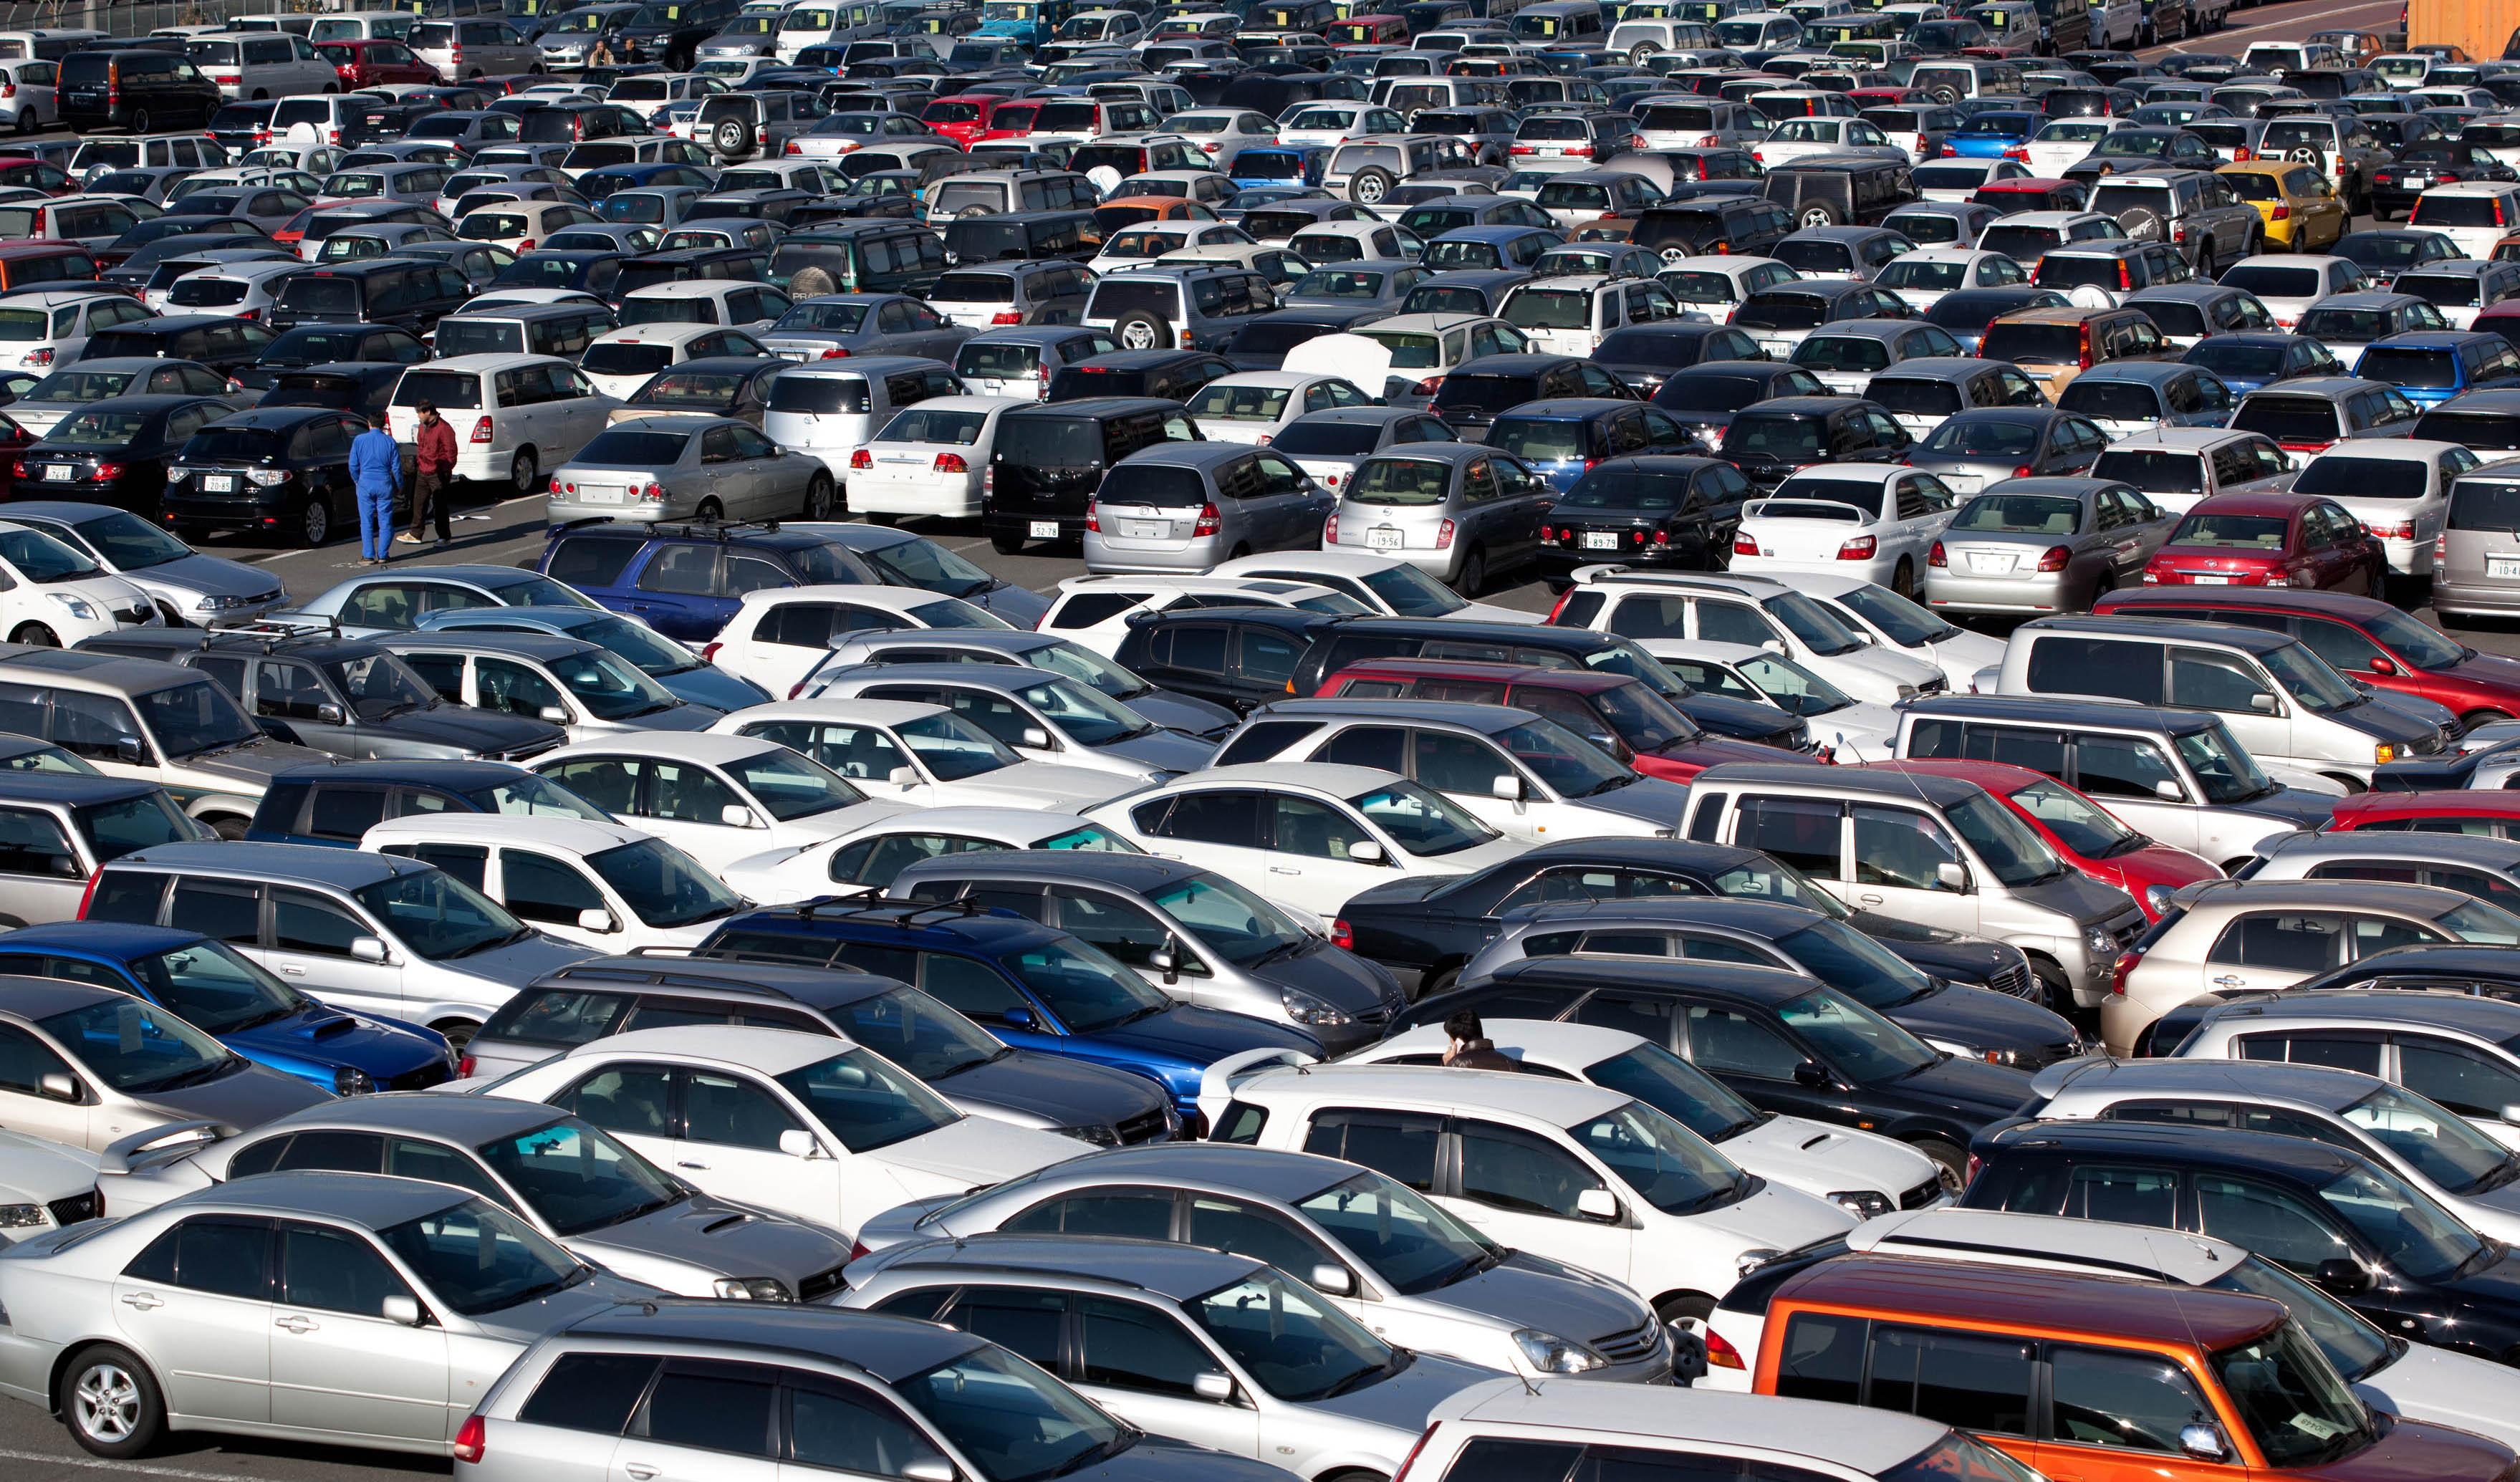 سکته ۳۰ تا ۵۰ درصدی قیمتها در بازار خودرو